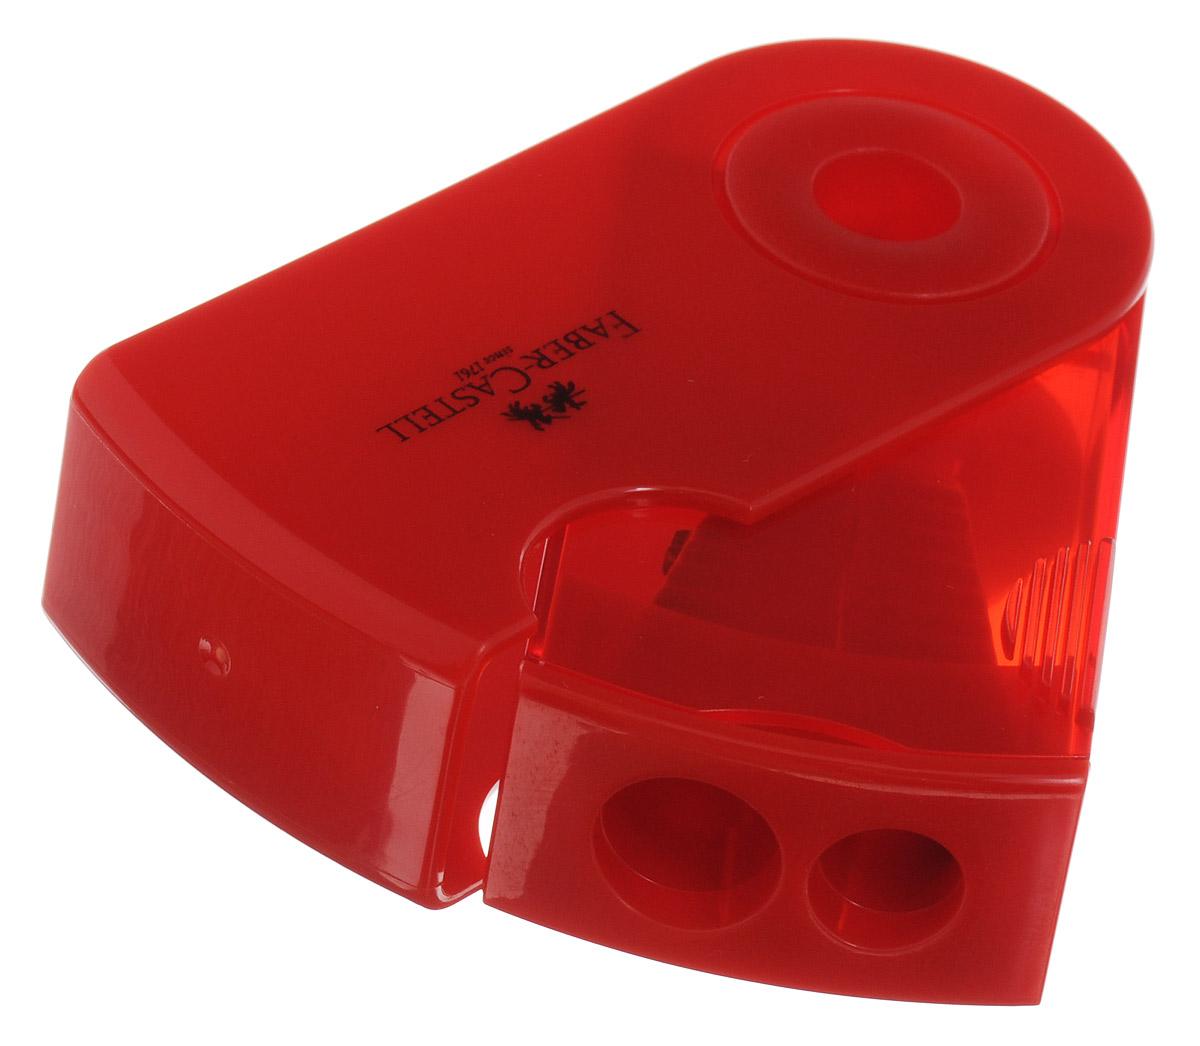 Точилка двойная Faber-Castell Sleeve выполнена из прочного пластика красного цвета.В точилке имеются два отверстия для карандашей разного диаметра, подходит для различных видов карандашей. Эргономичная форма контейнера обеспечивает стабильное положение кисти. Карандаш затачивается легко и аккуратно, а опилки после заточки остаются в специальном контейнере повышенной вместимости.